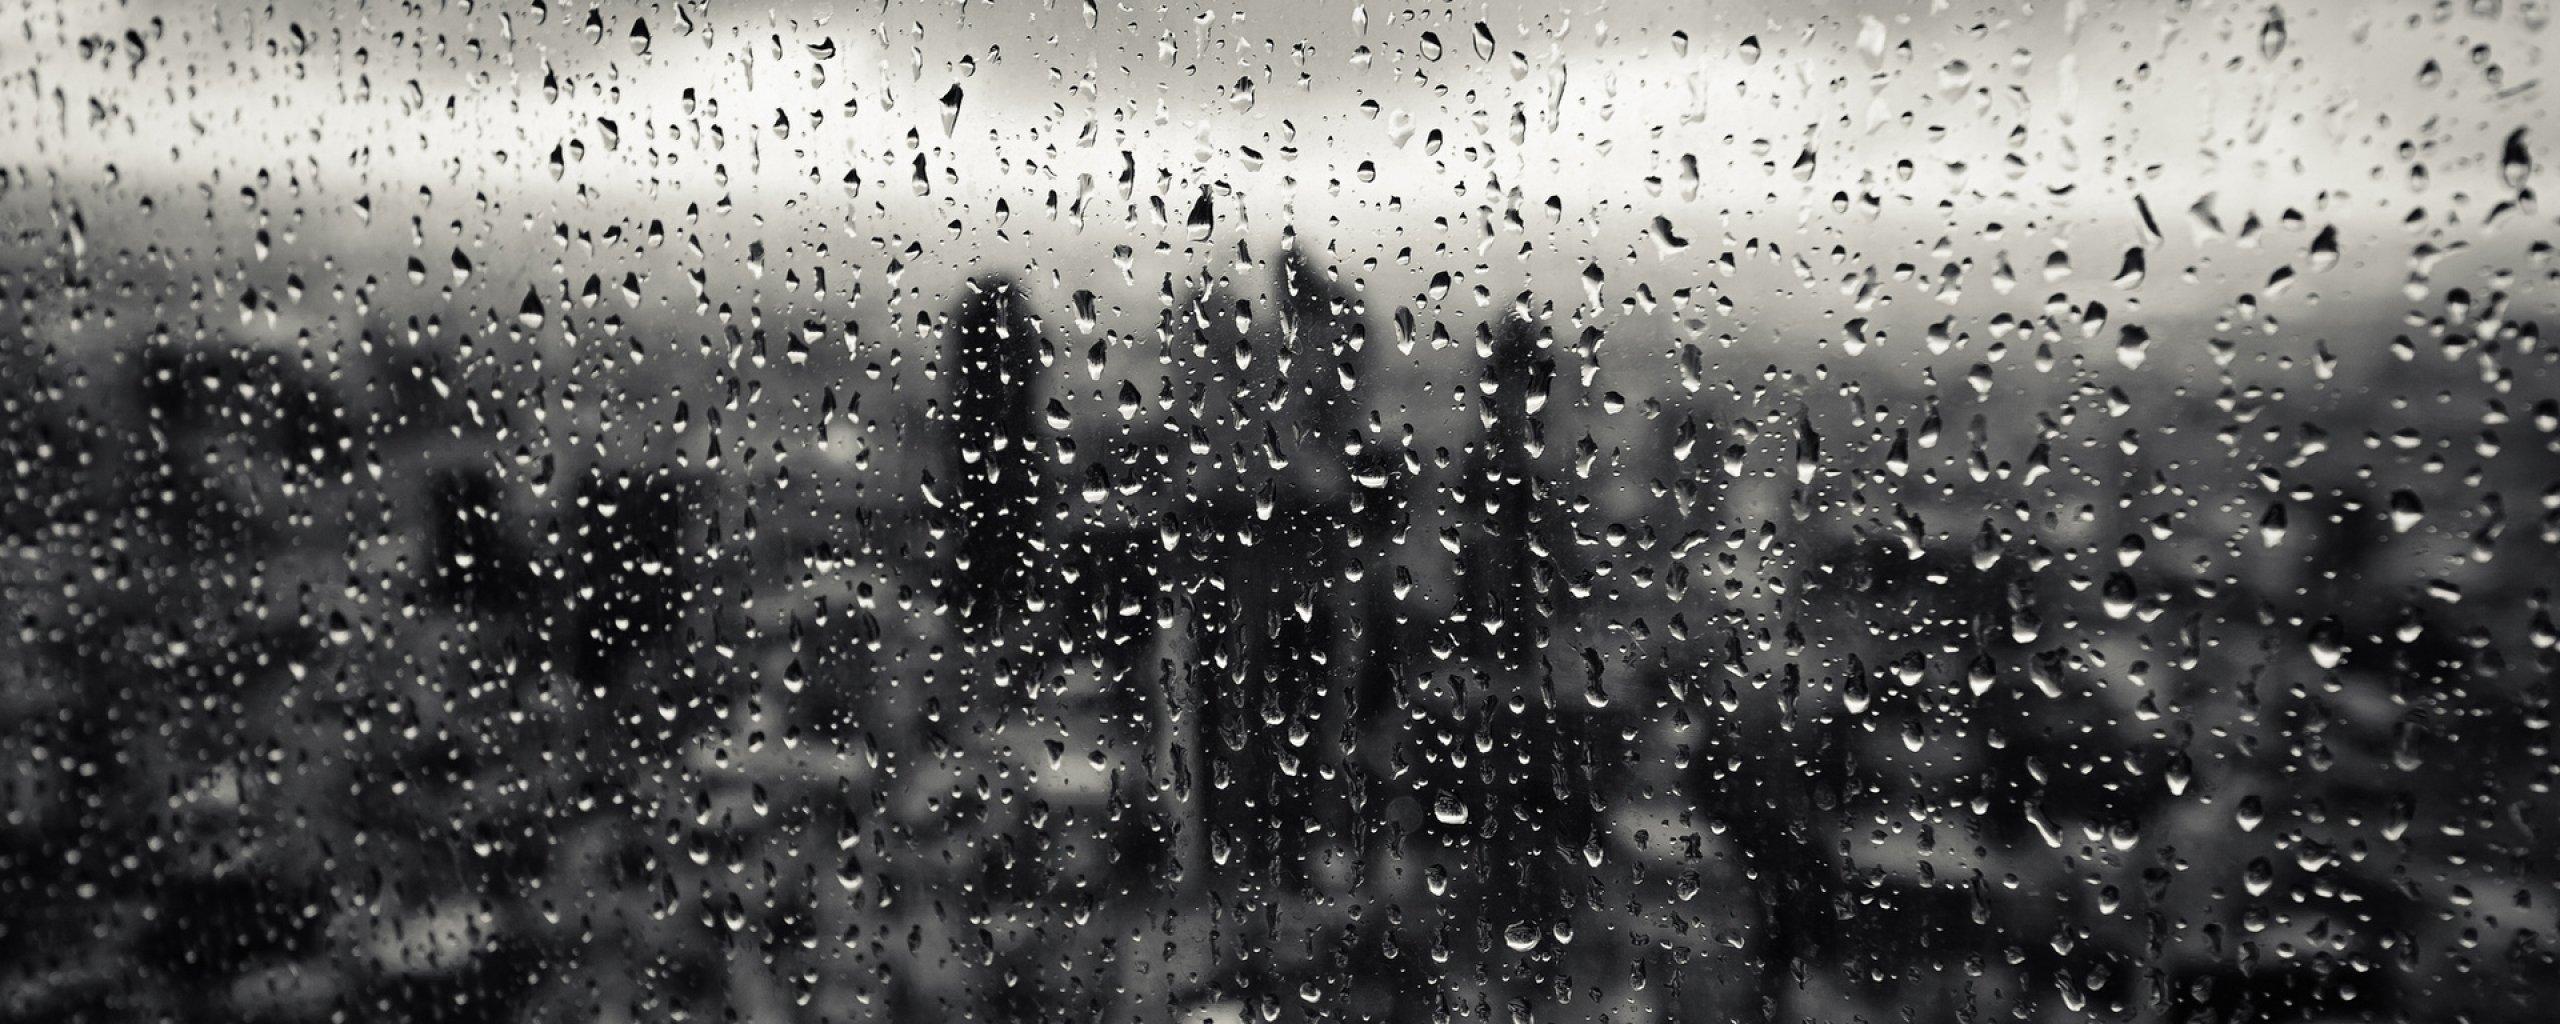 raindrops wallpaper widescreen